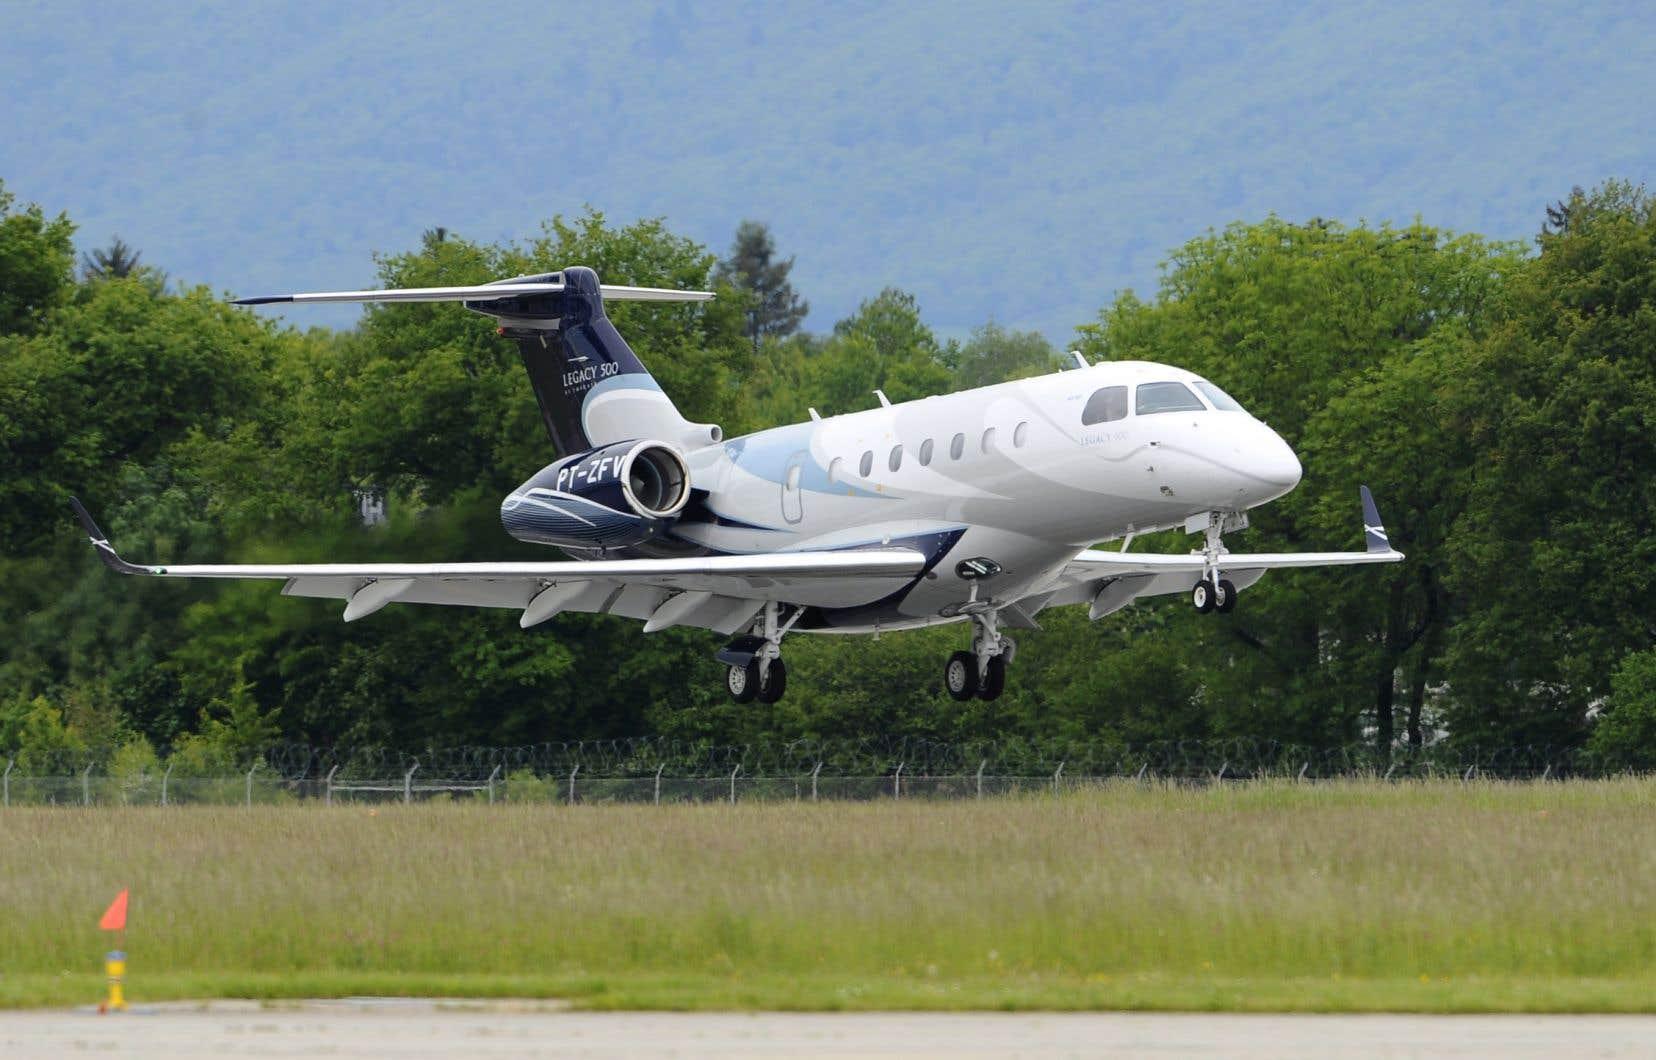 La société établie à Longueuil est également un fournisseur d'Embraer pour ses jets d'affaires Legacy 400 et 500.